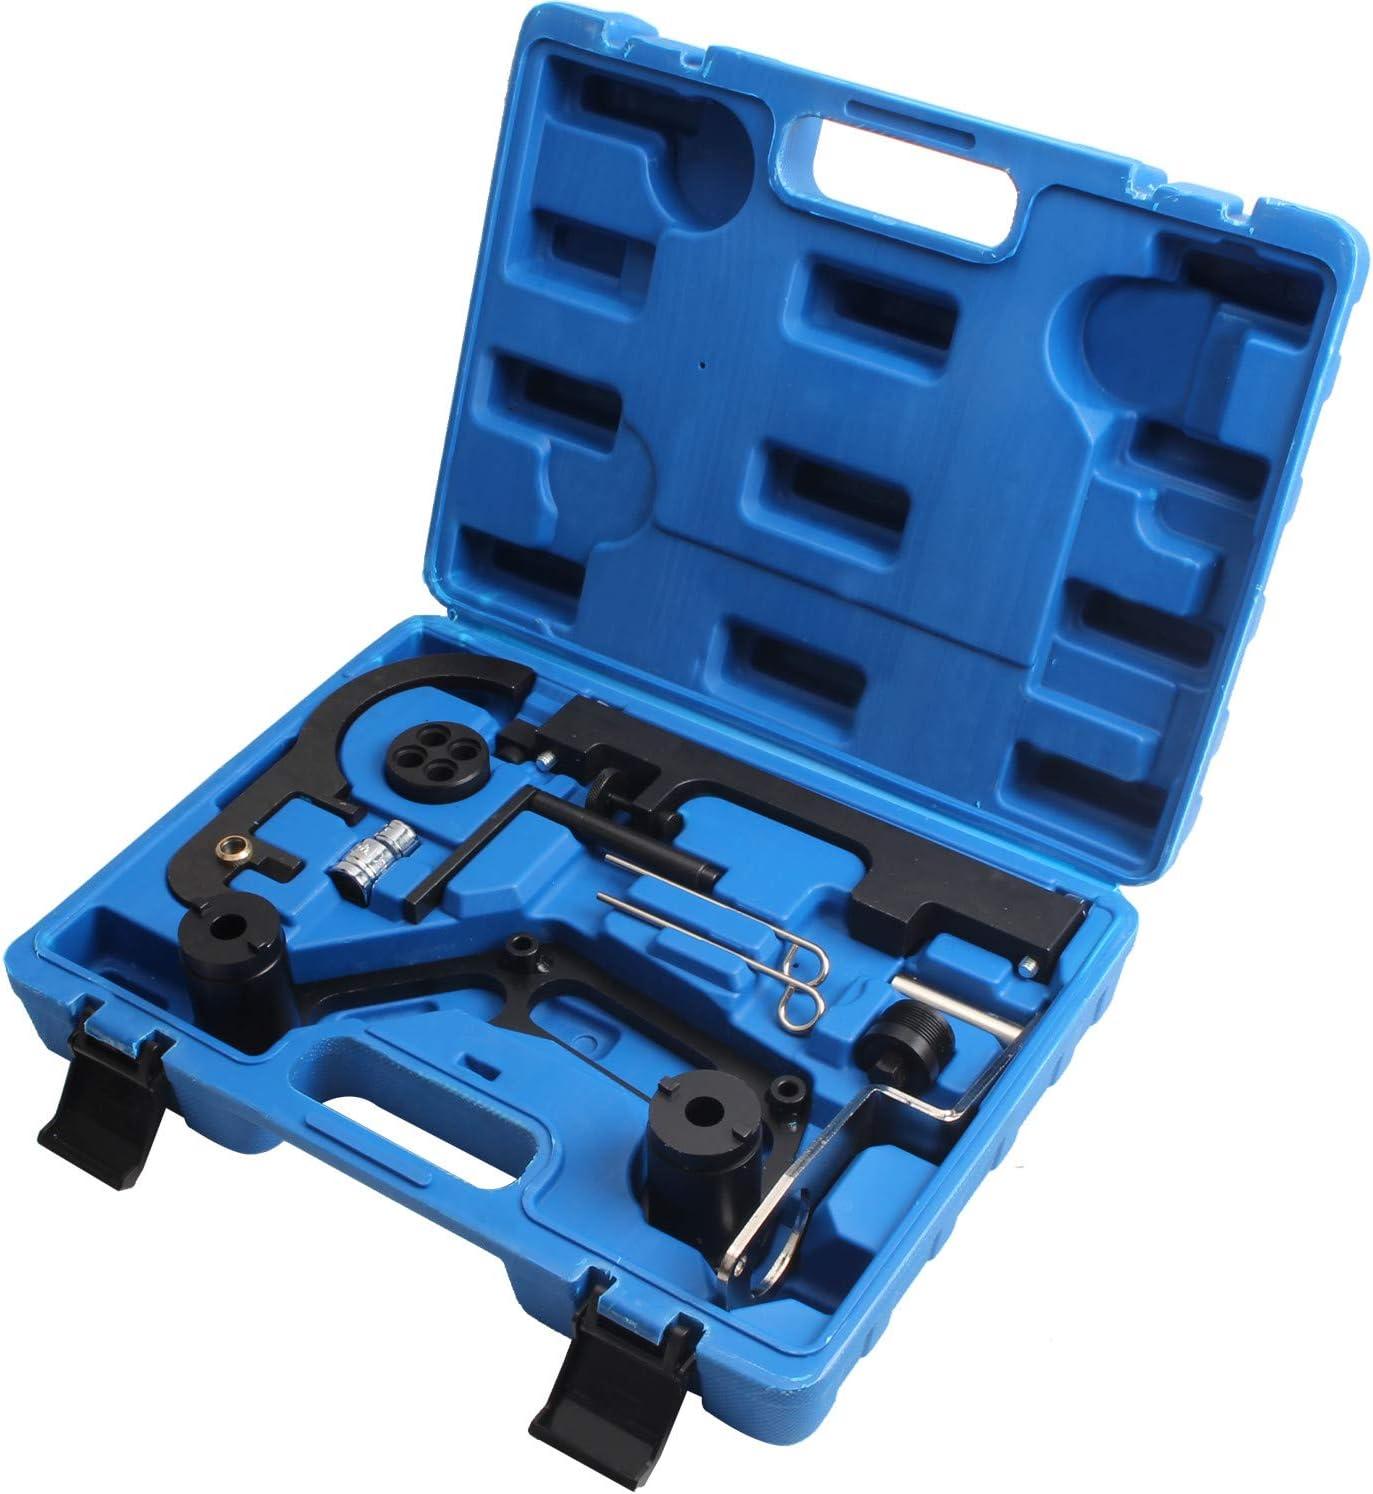 Cclife Motor Einstellwerkzeug Nockwellen Arretierung Werkzeug Arretierwerkzeug Steuerkette Kompatibel Mit Bmw N47 N47s N57 N57s Auto